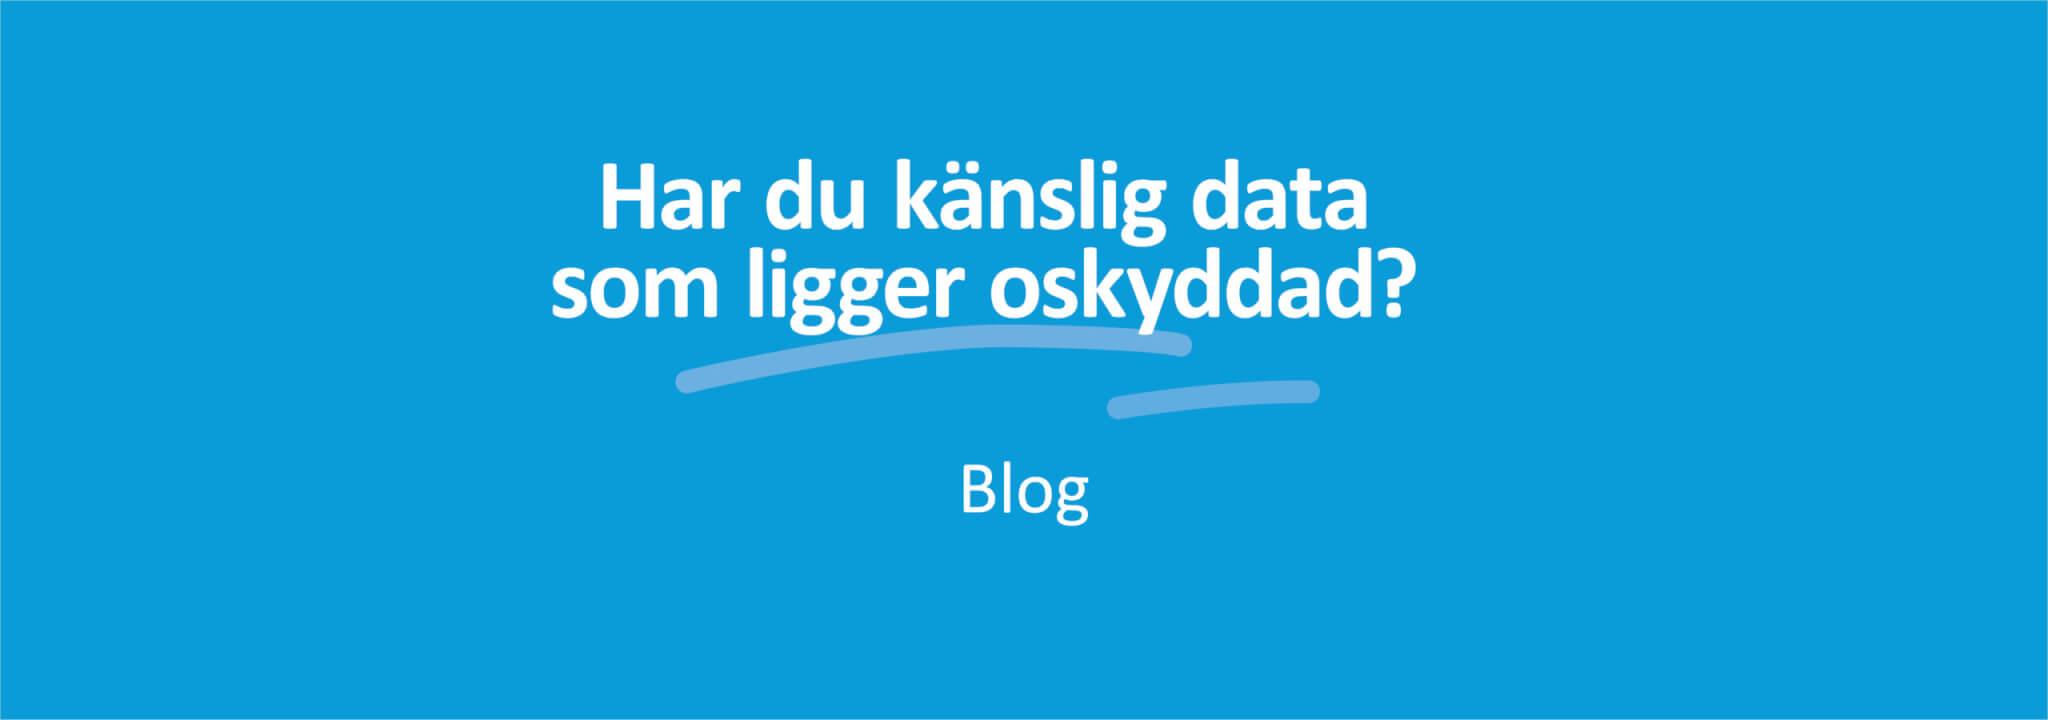 Har du känslig data som ligger oskyddad banner